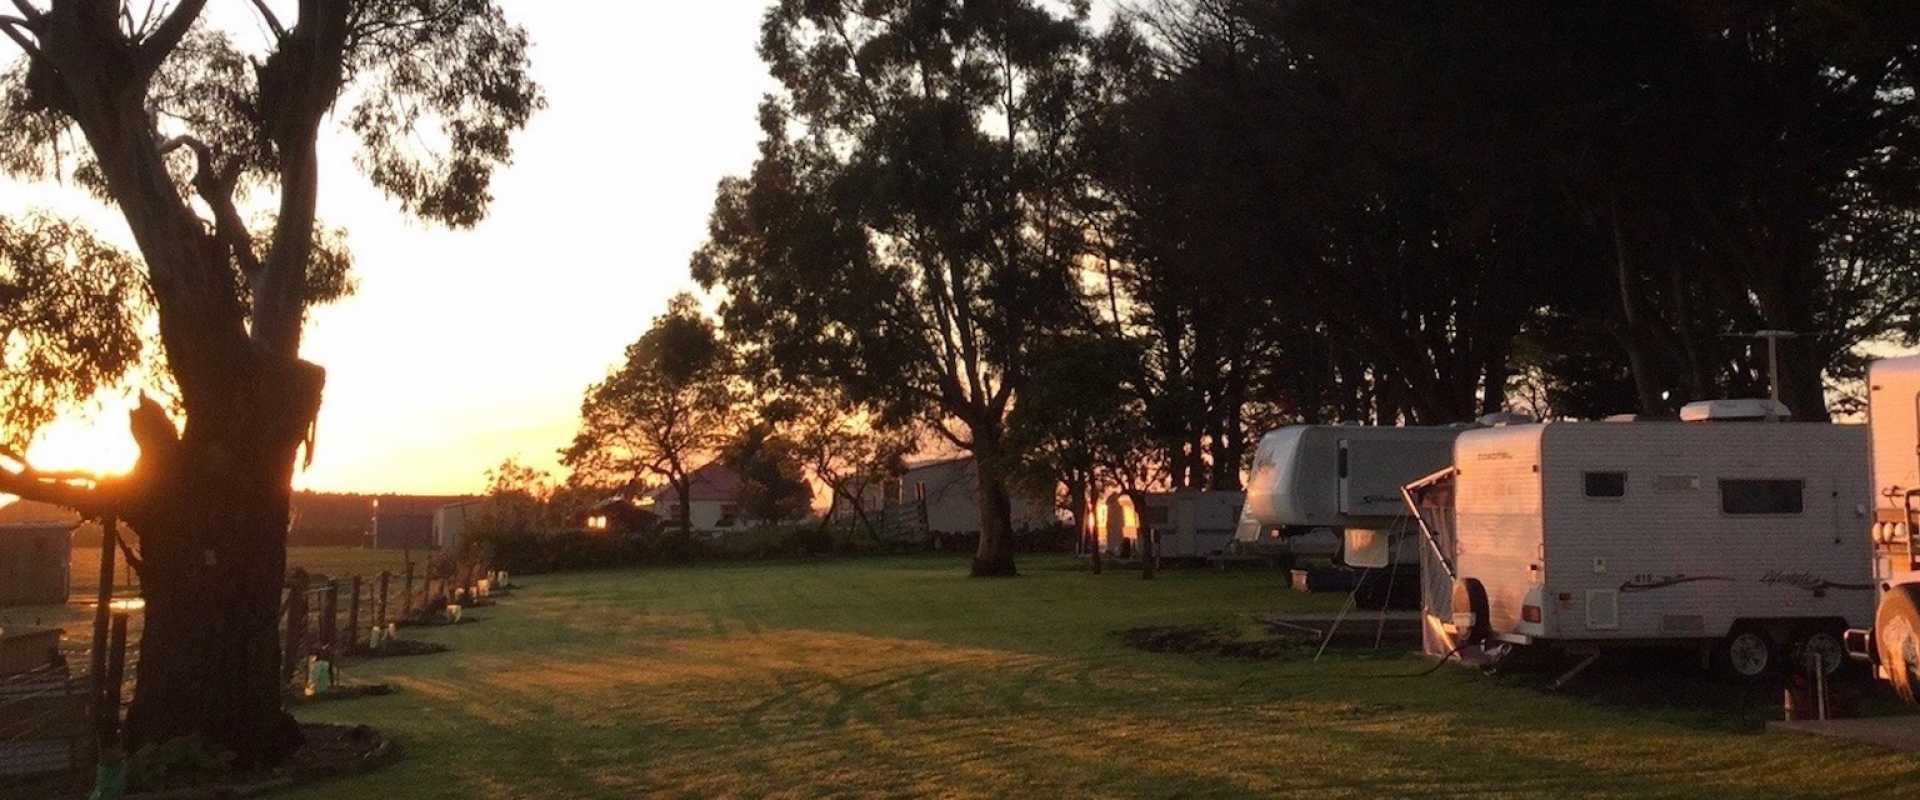 Kui Parks, Colac Otway Caravan Park, Colac VIC